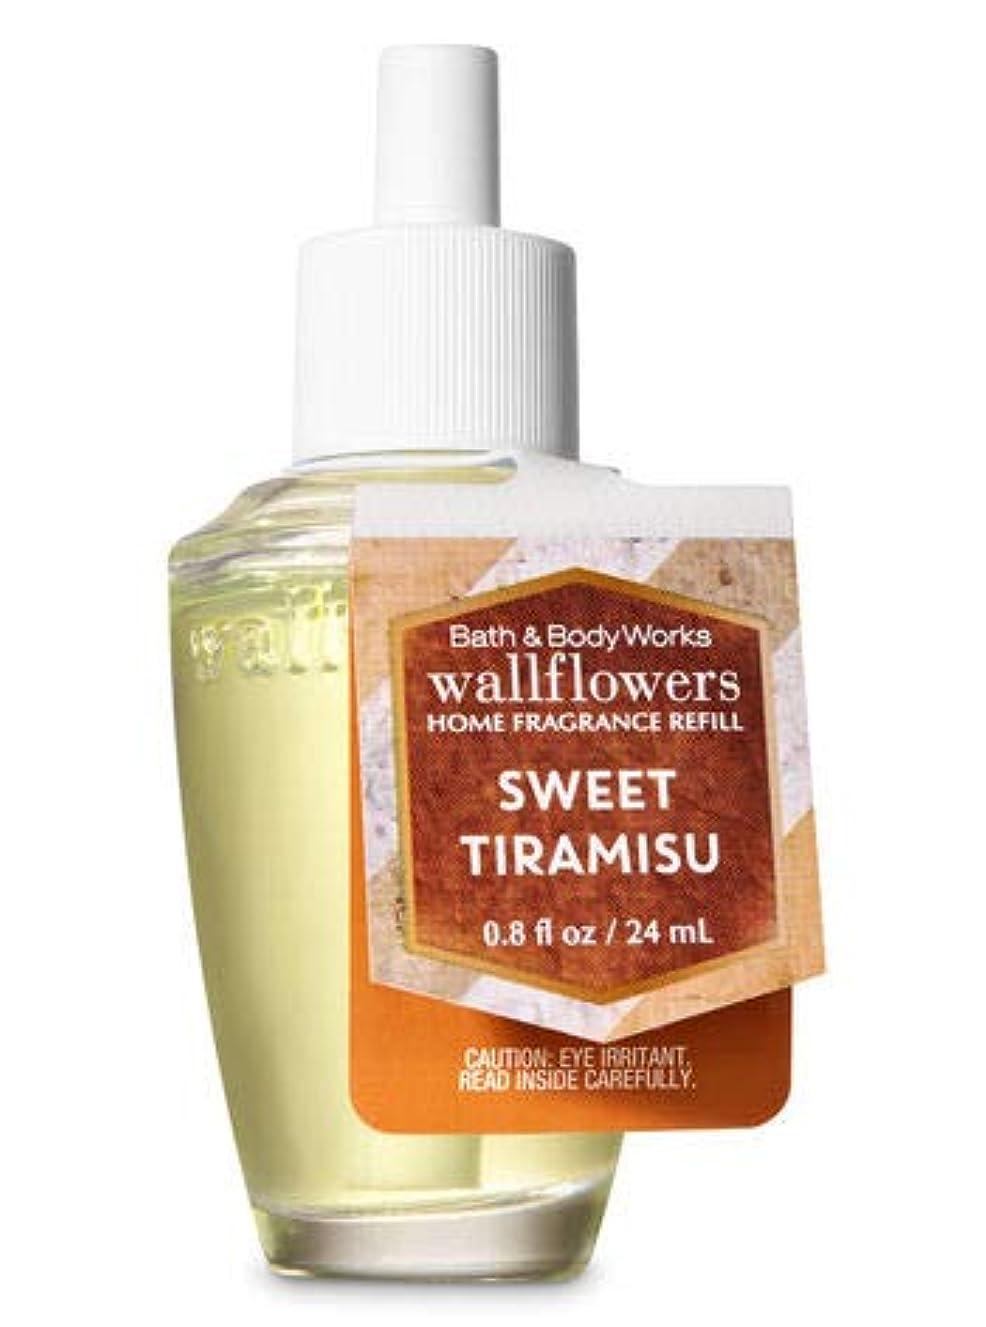 転送納税者薬理学【Bath&Body Works/バス&ボディワークス】 ルームフレグランス 詰替えリフィル スイートティラミス Wallflowers Home Fragrance Refill Sweet Tiramisu [並行輸入品]